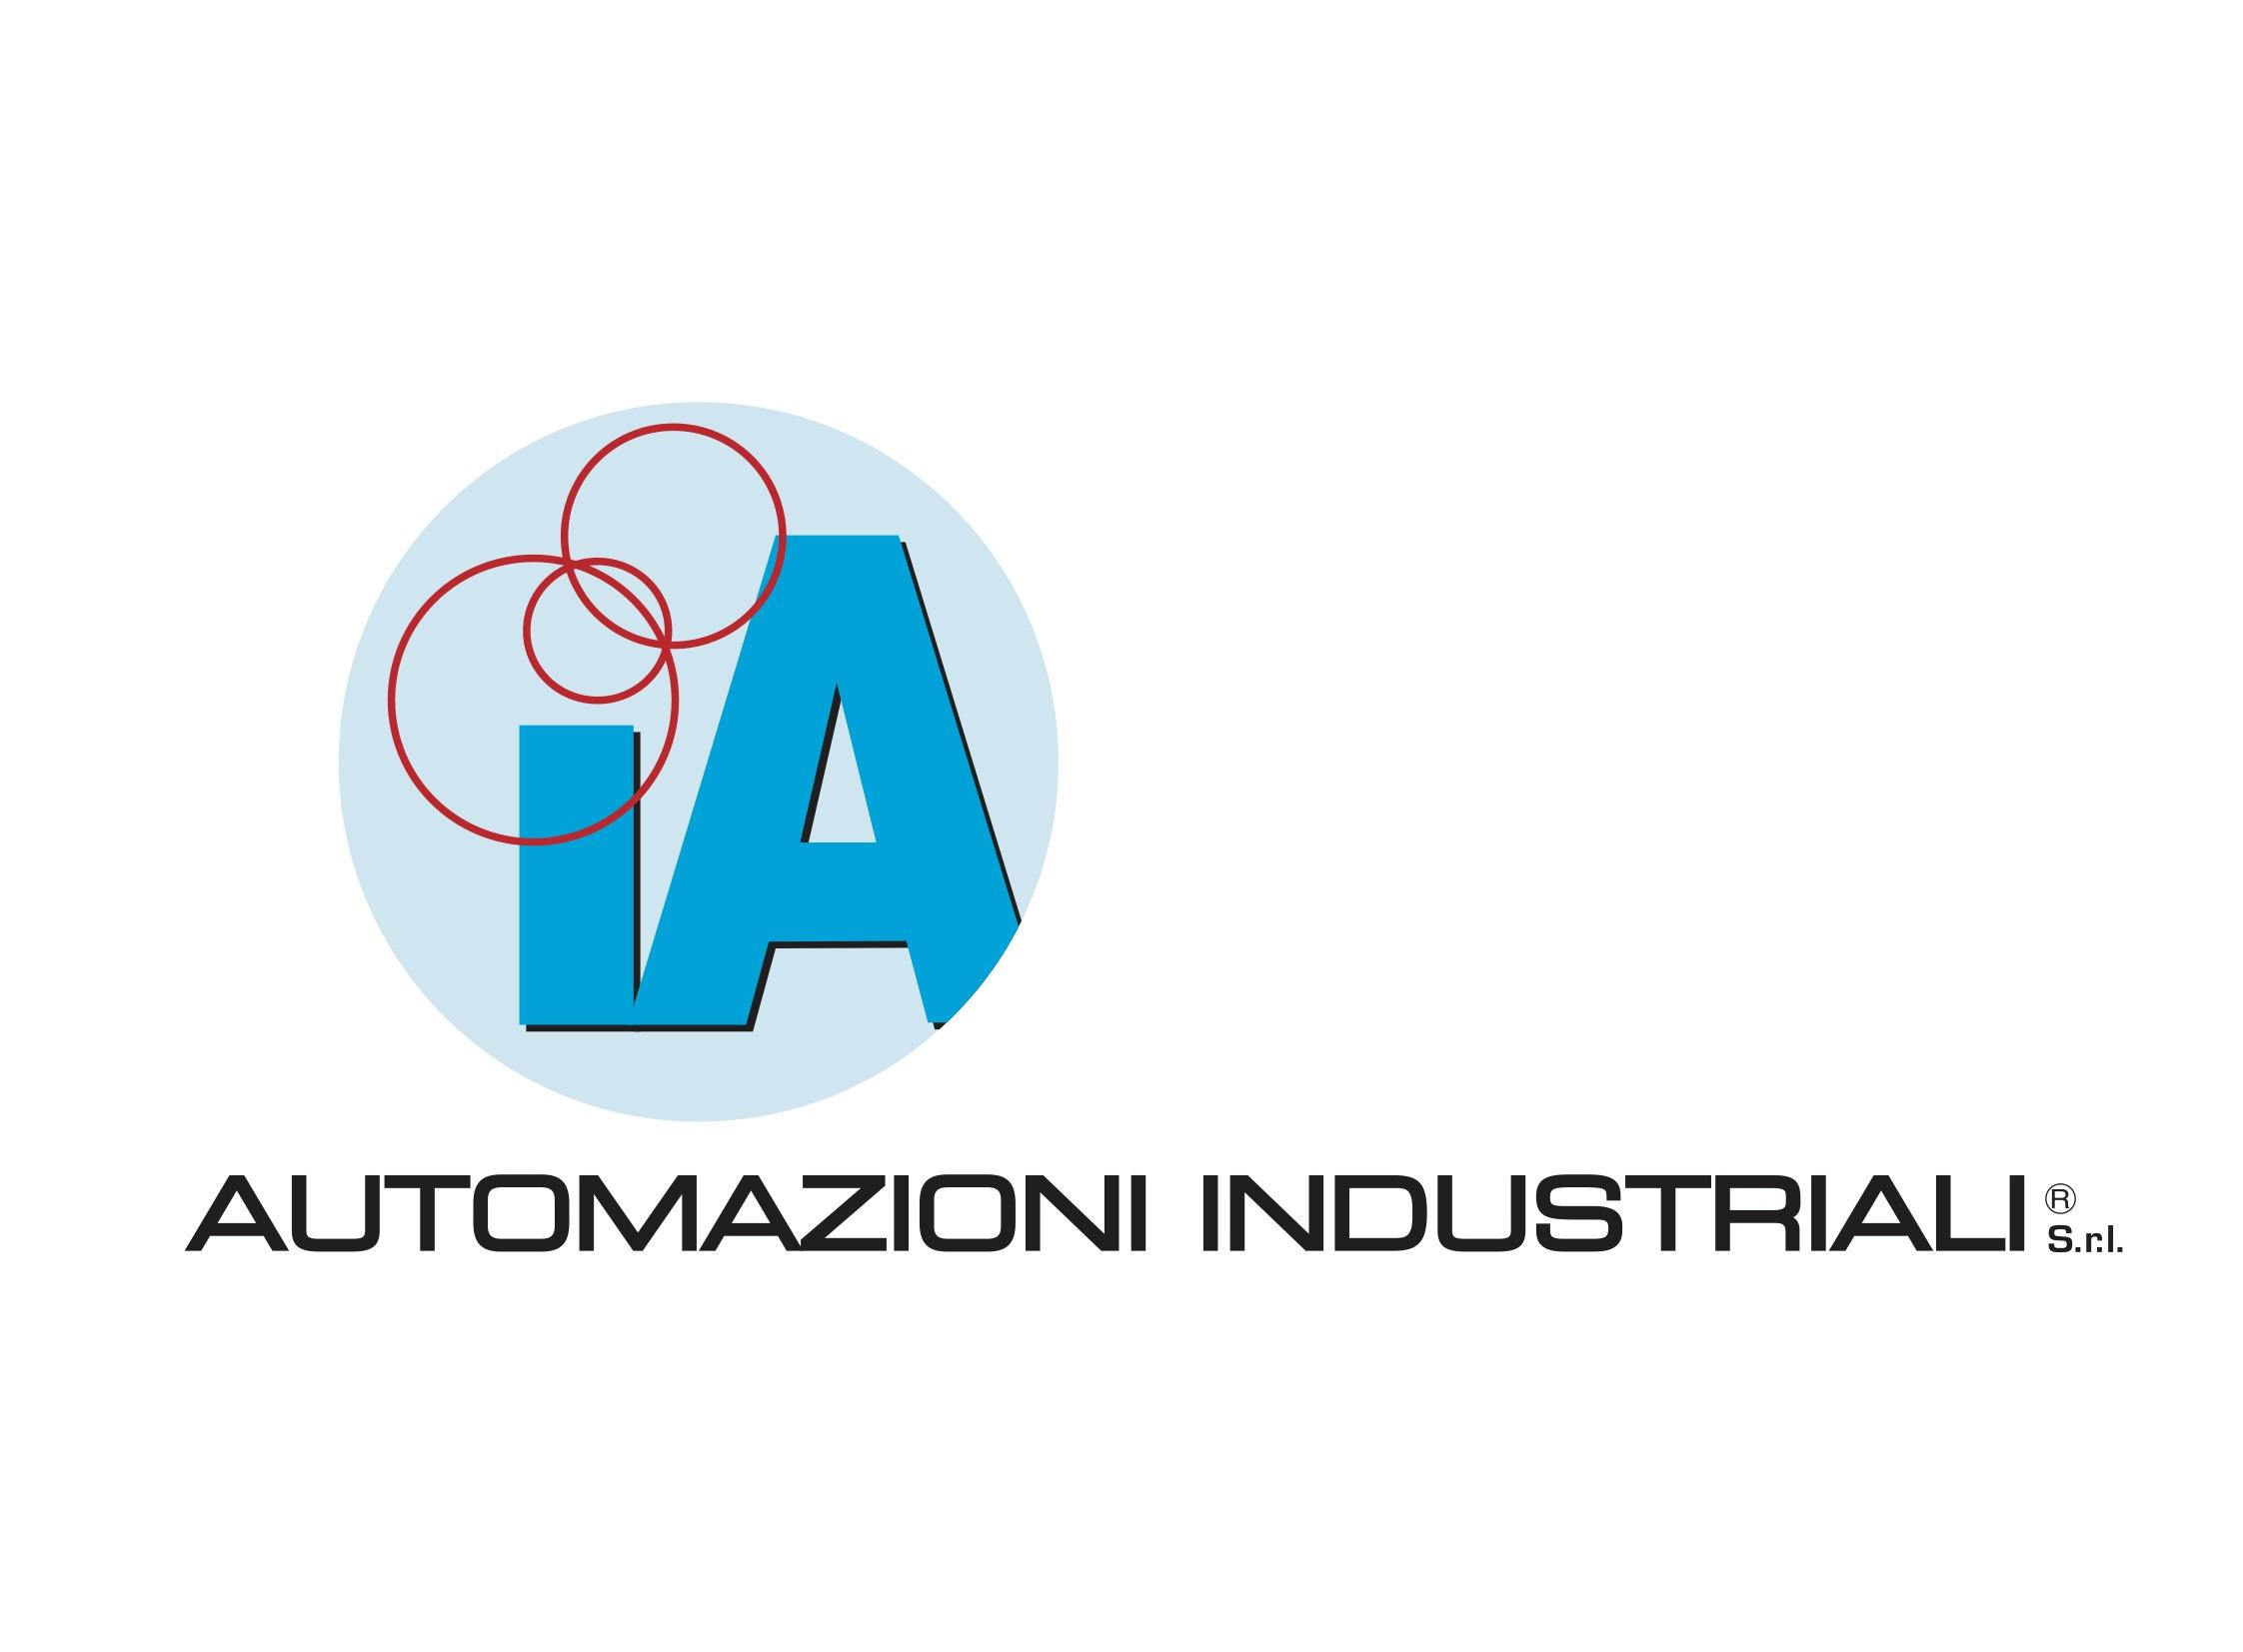 Automazioni Industriali Srl